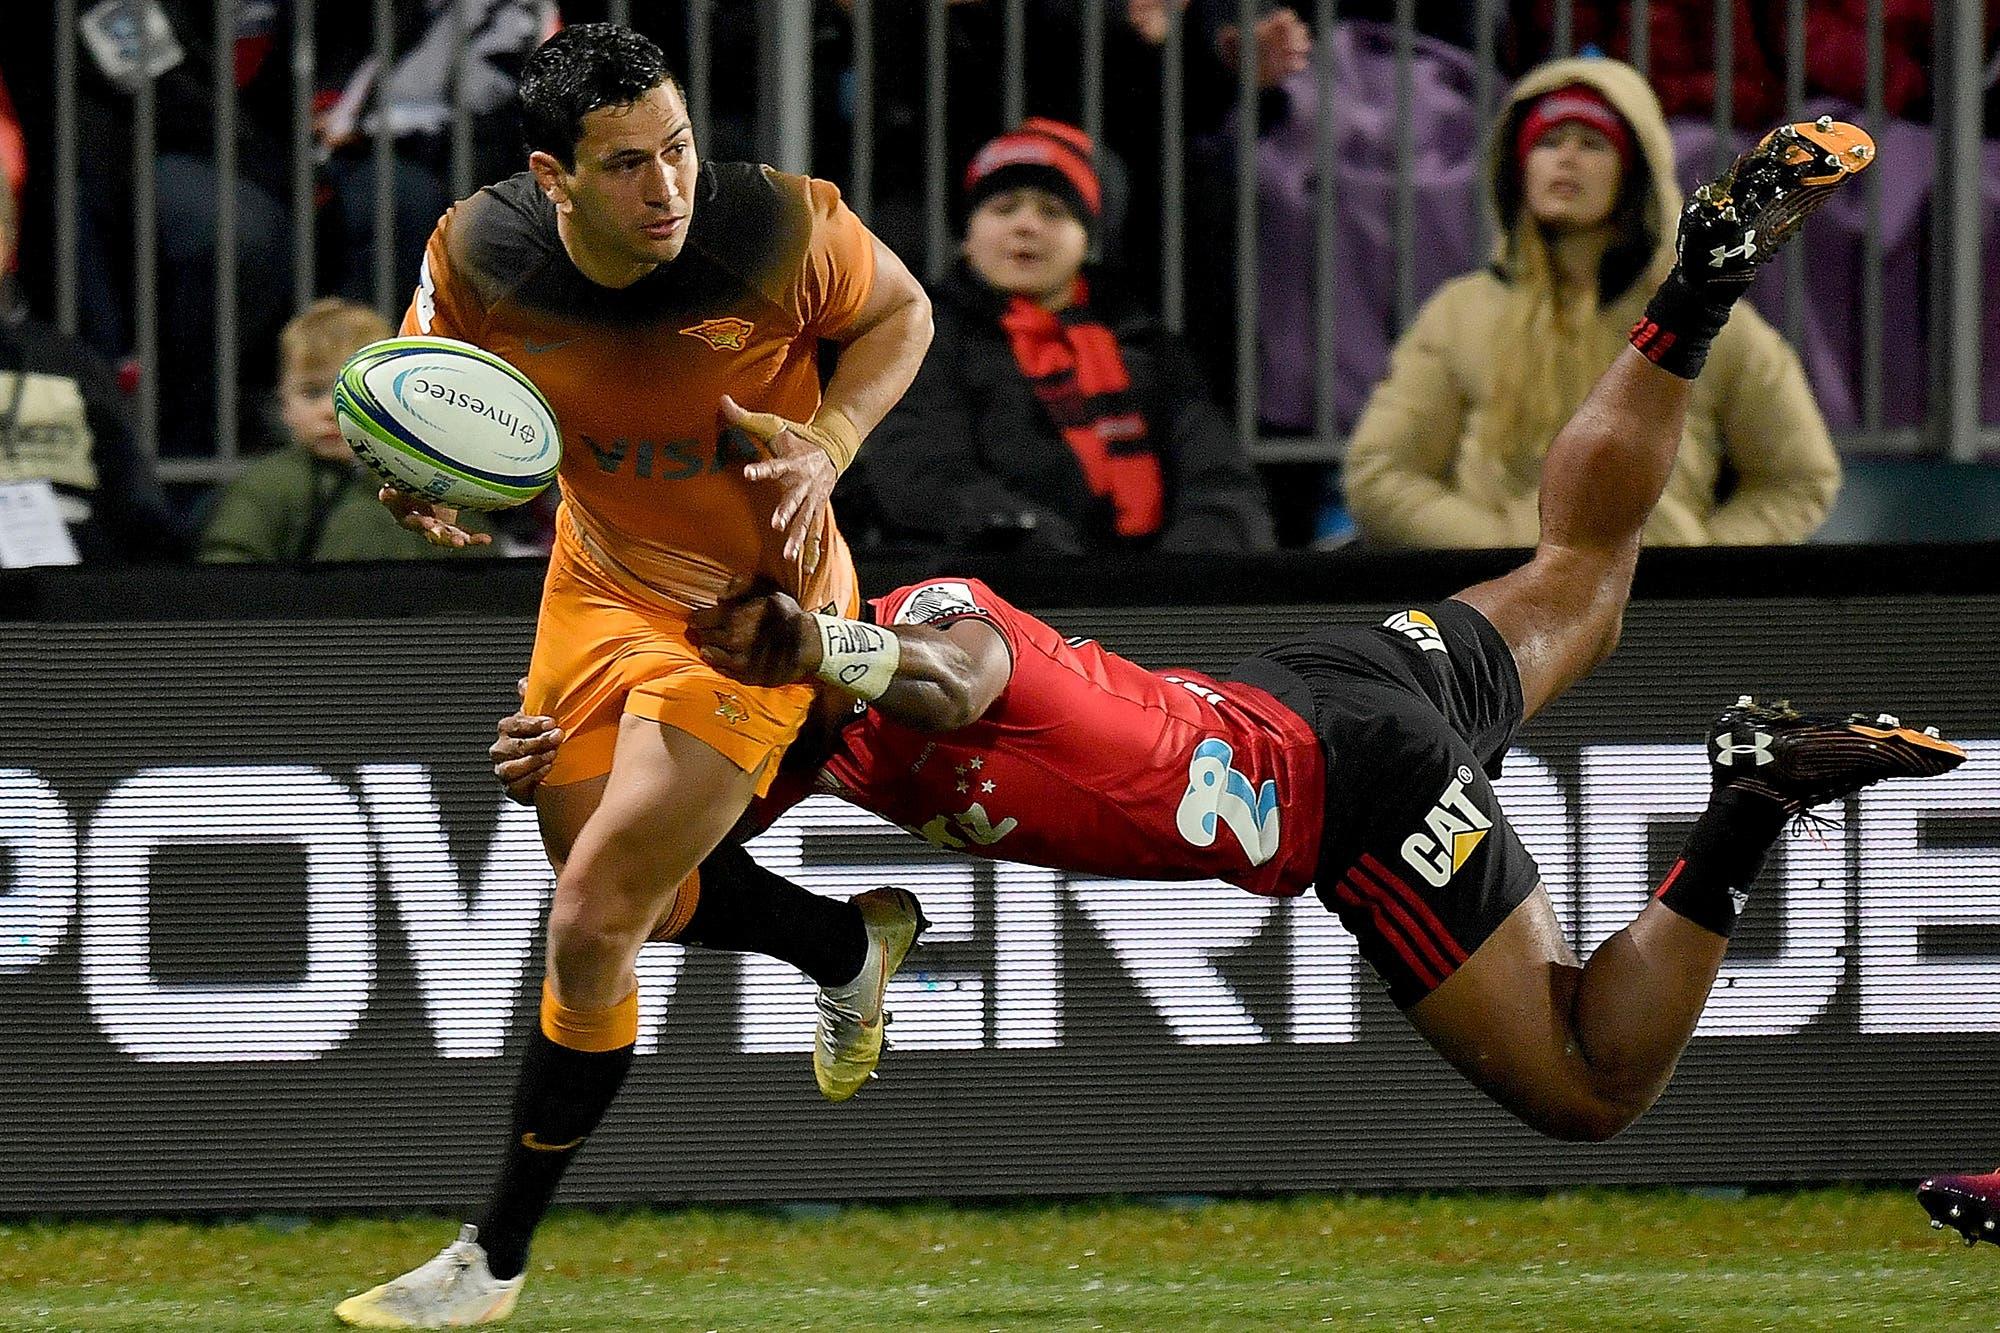 El paso a paso de Jaguares: cómo fue su actuación en el Súper Rugby 2019